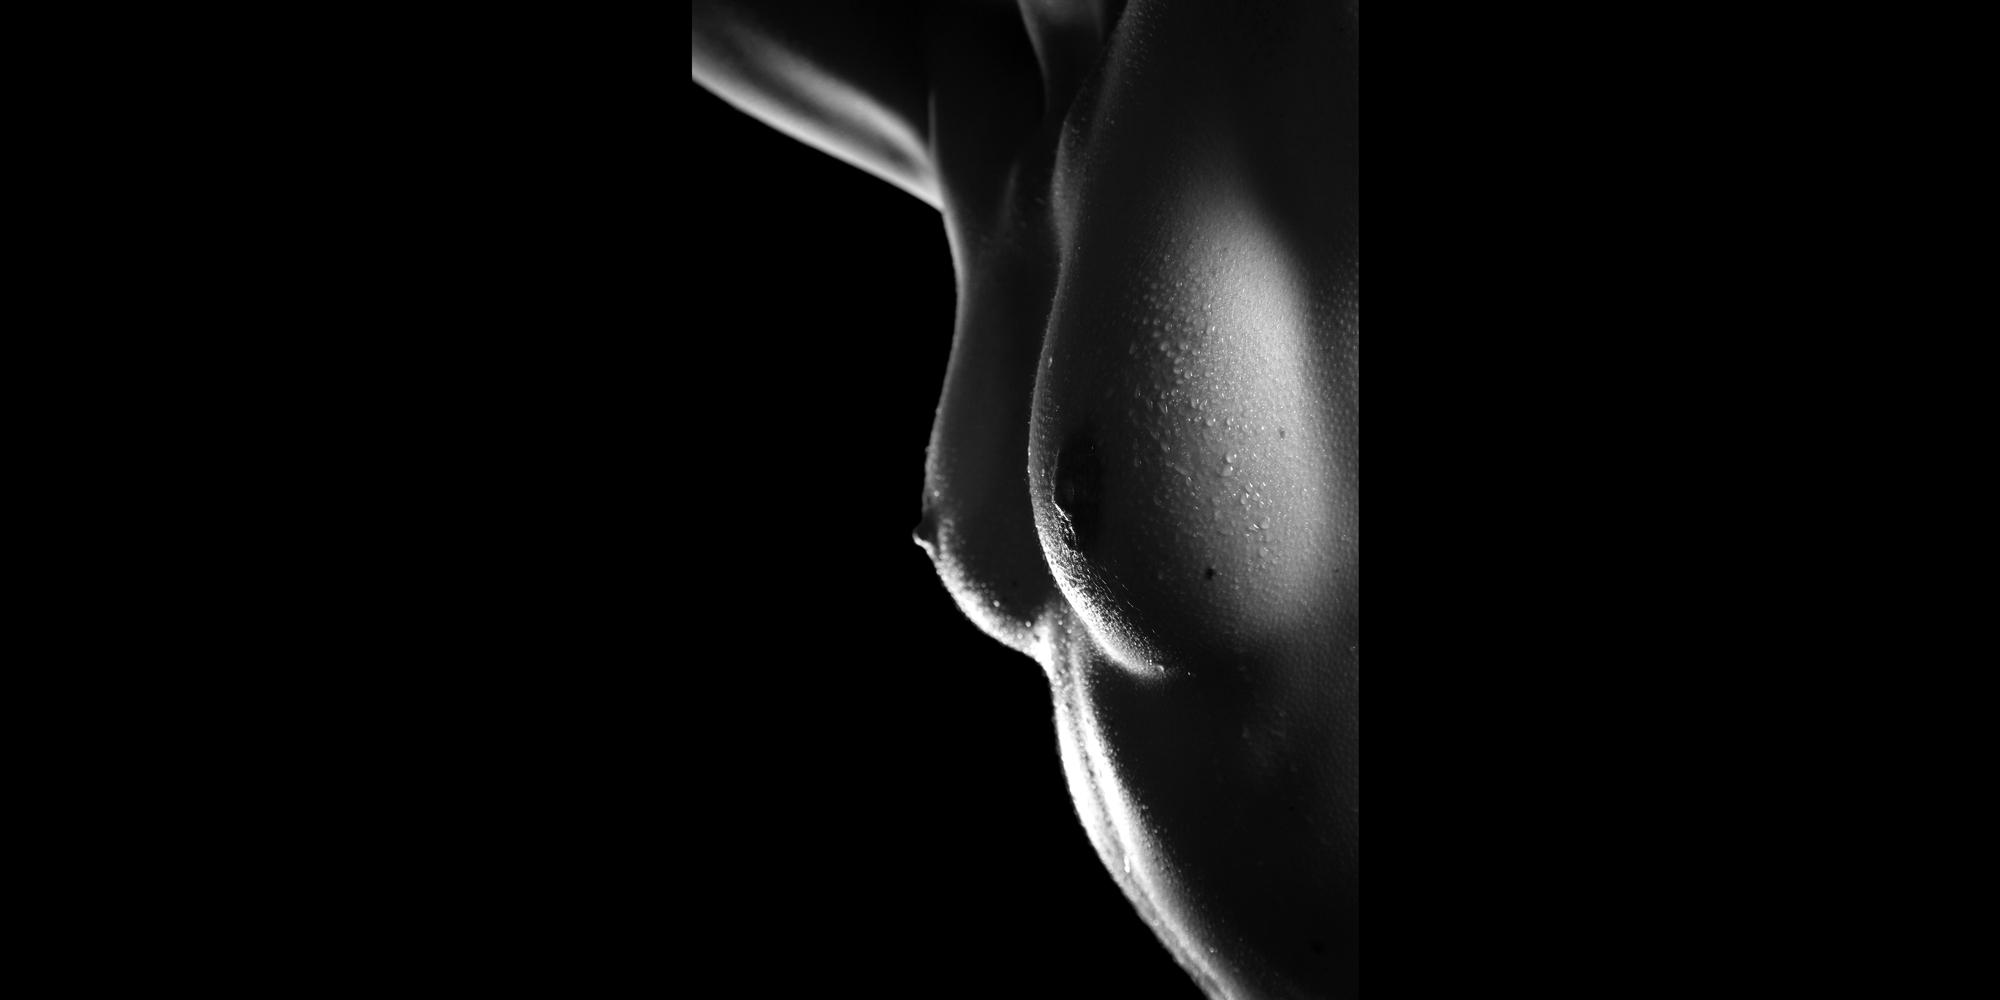 Erotischer Bildausschnitt in schwarz-weiß von der Brust einer nackten, schlanken Frau mit perlenden Wassertropfen auf der Haut.